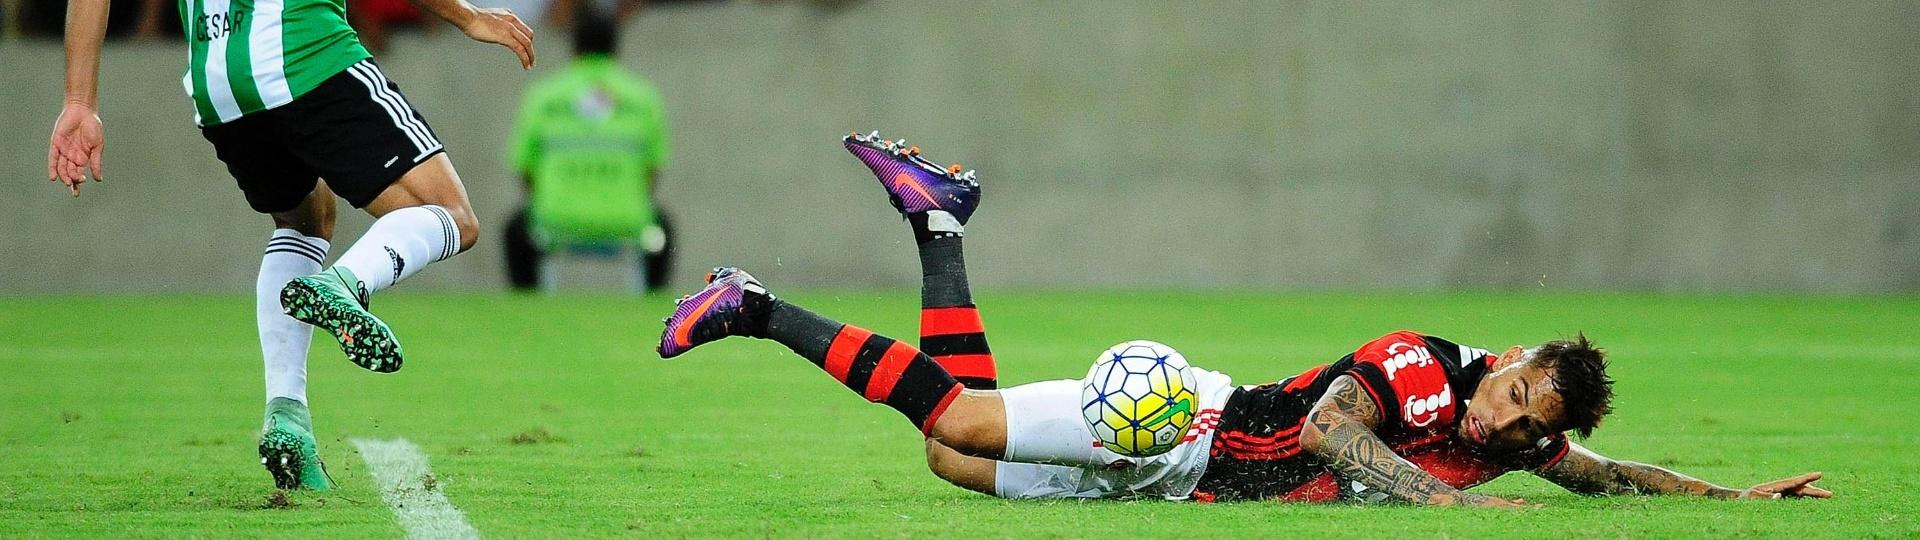 Guerrero em ação na partida entre Flamengo e Coritiba